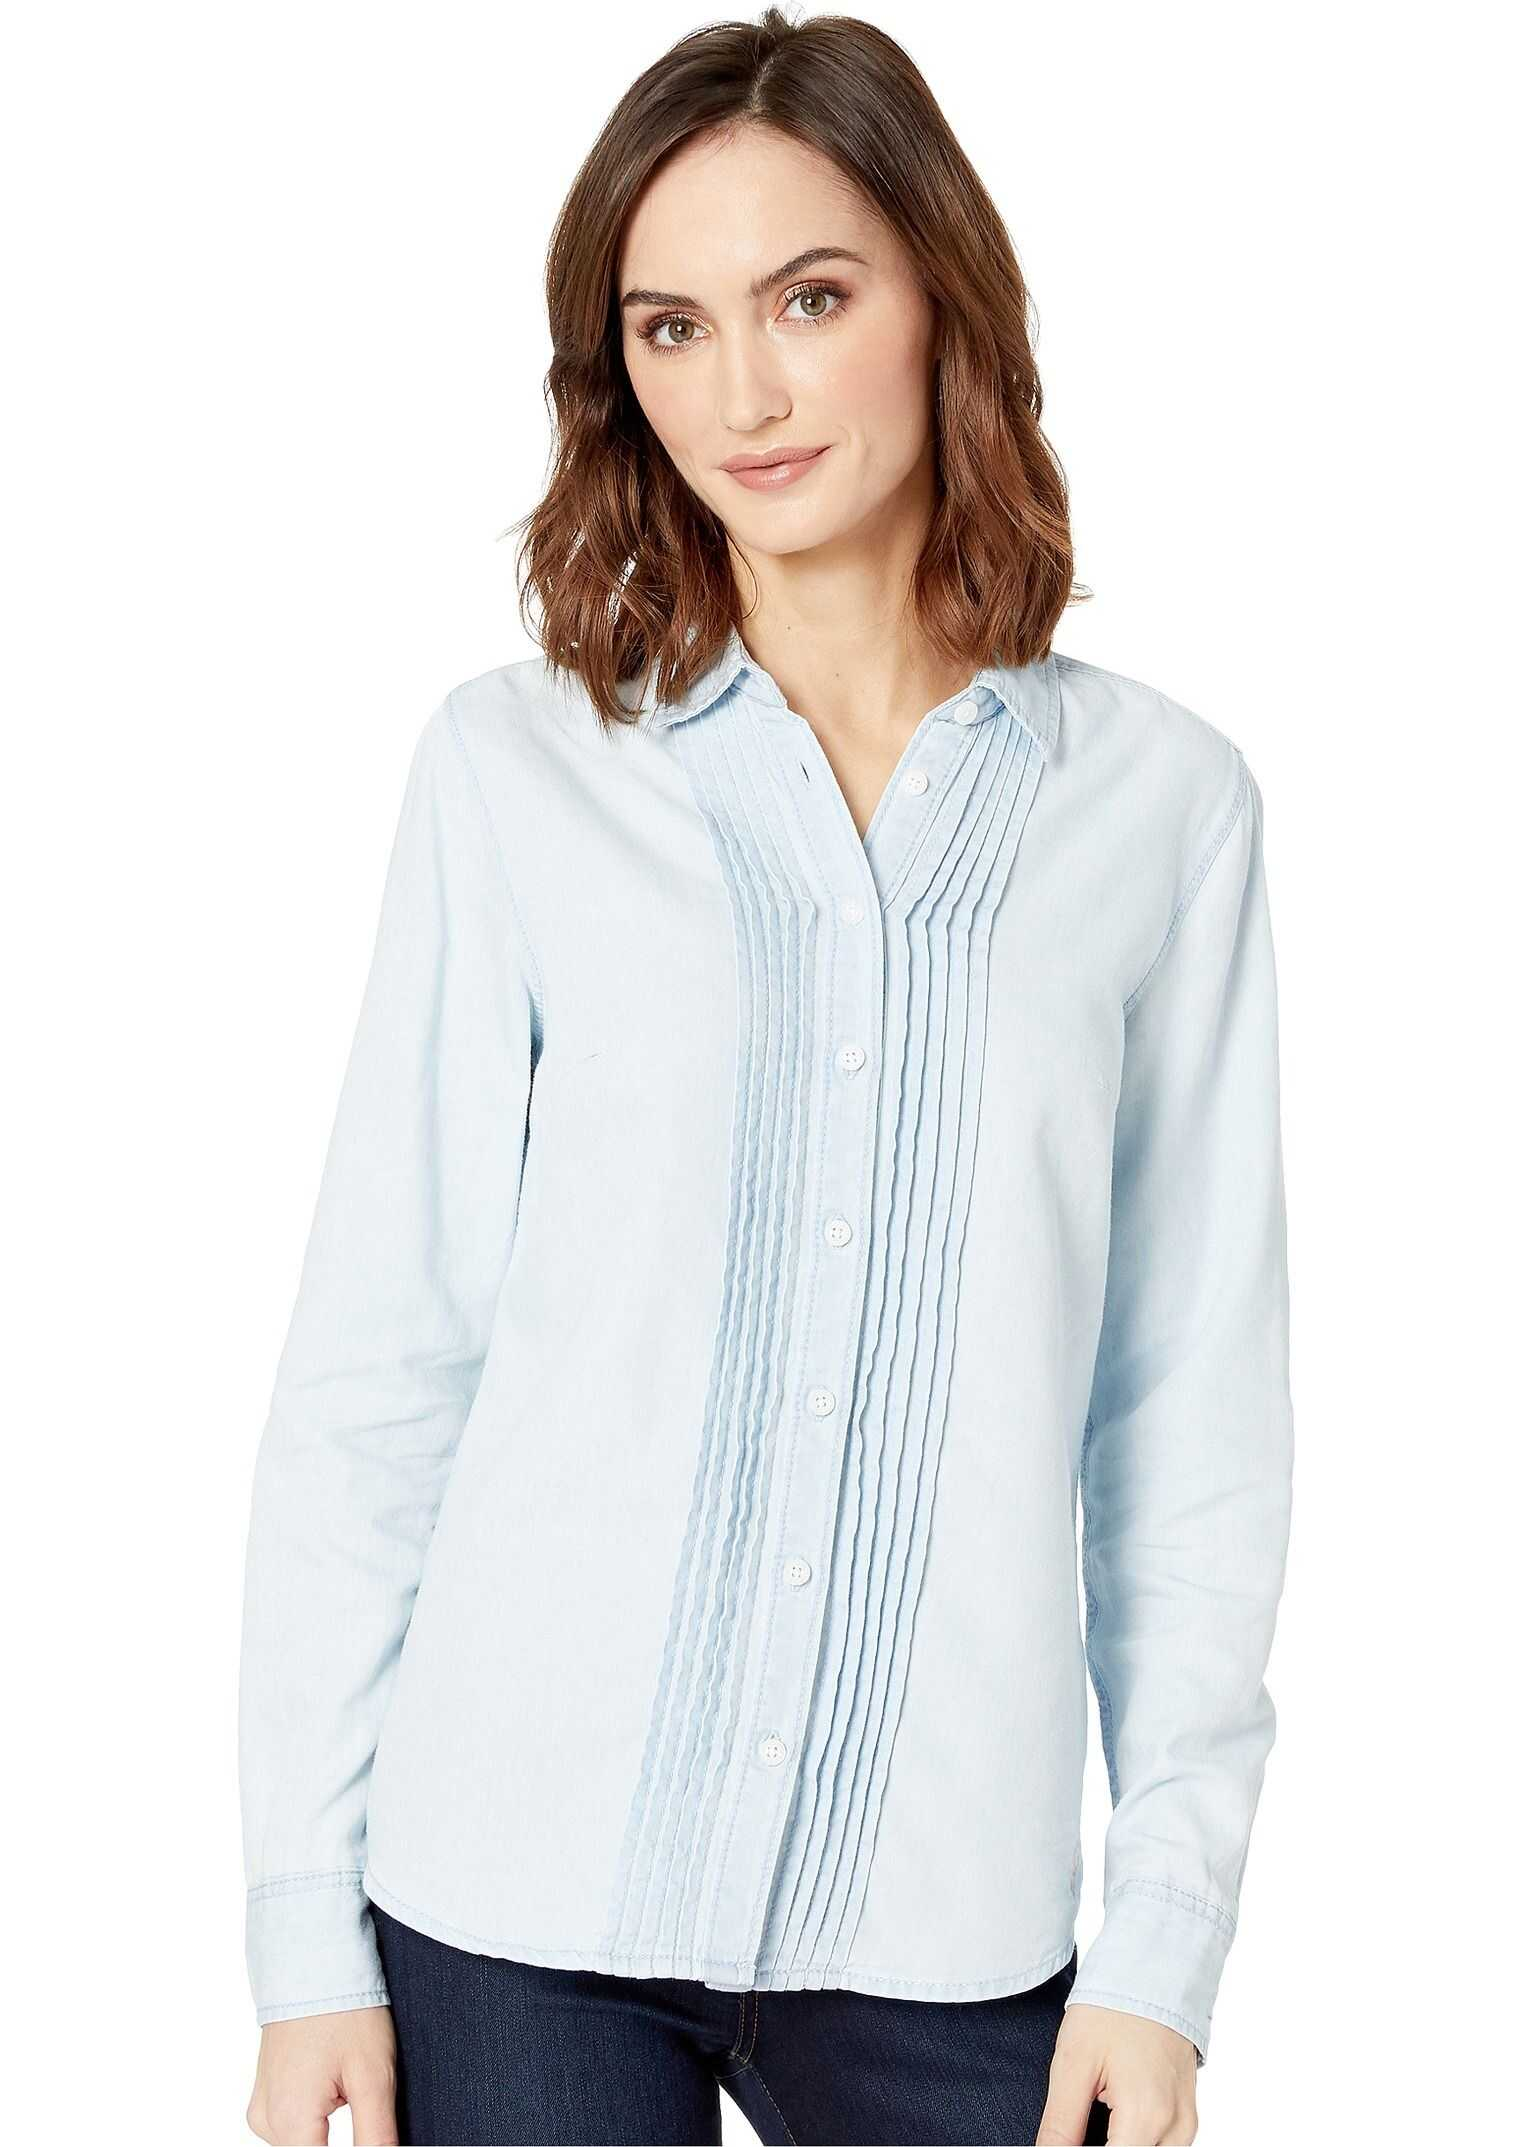 U.S. POLO ASSN. Pintuck Denim Shirt Blue